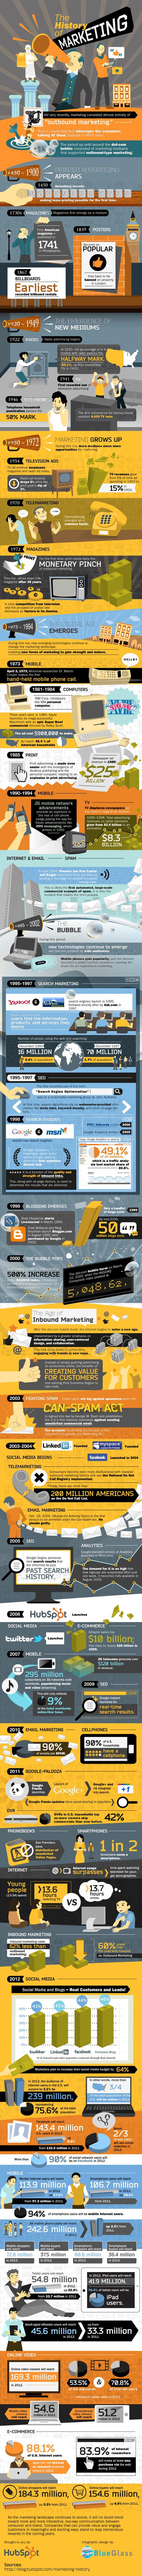 historia del marketing de 1450 a nuestros dias